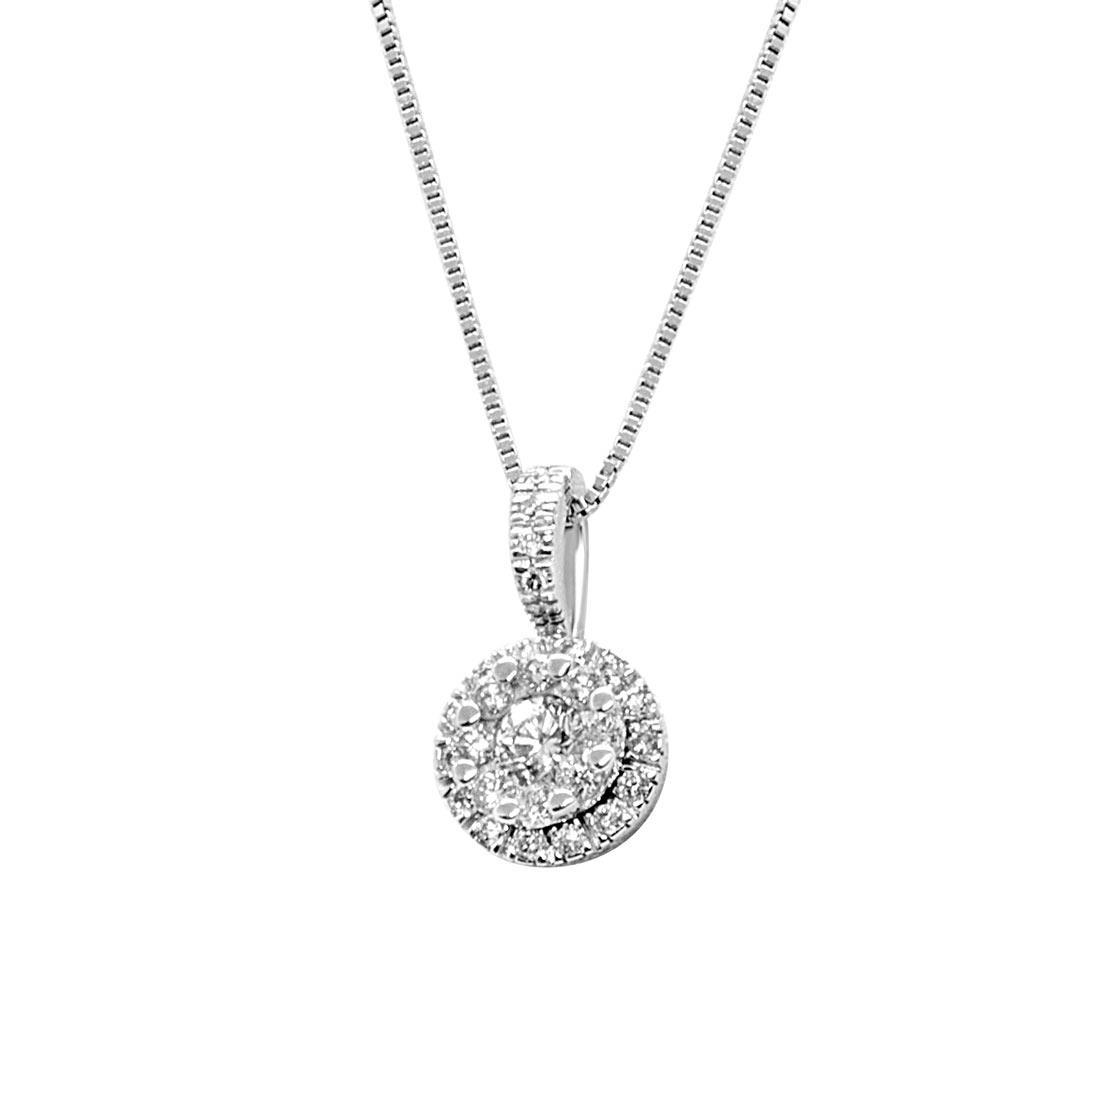 Collana in oro bianco e diamanti ct 0,41 - ALFIERI ST JOHN